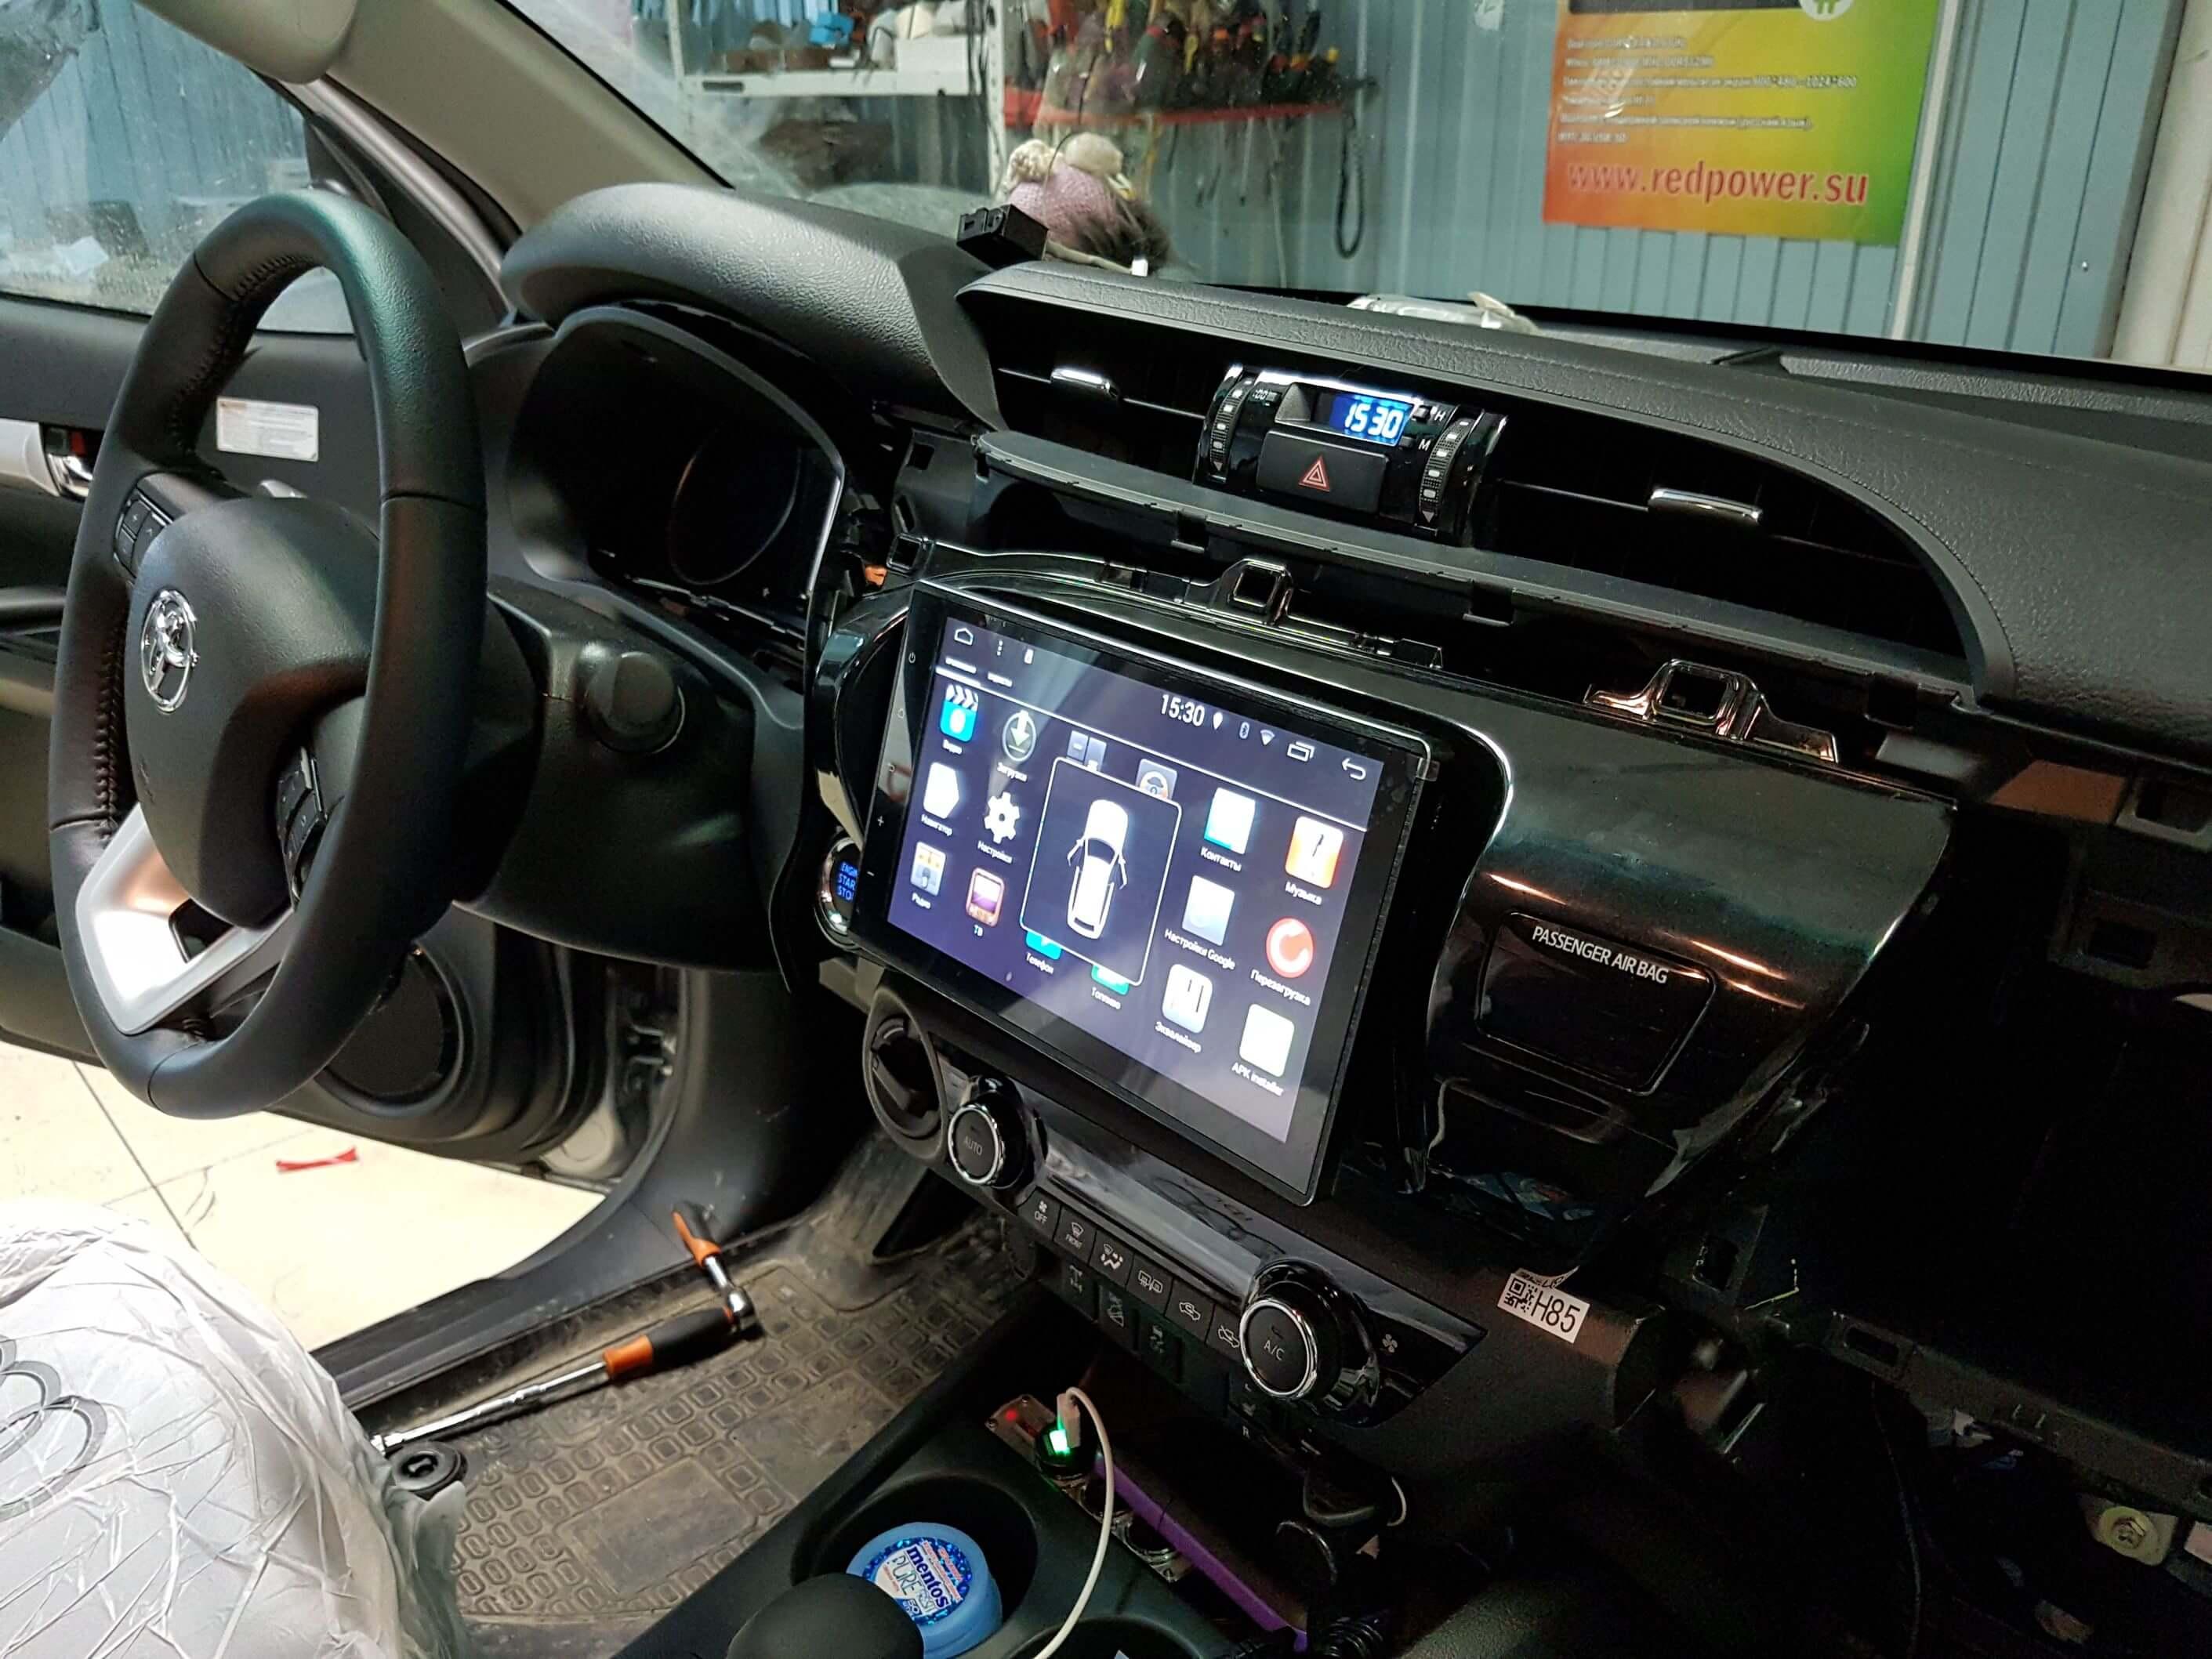 Штатное головное устройство Toyota Hilux автомагнитола Redpower21186IPS